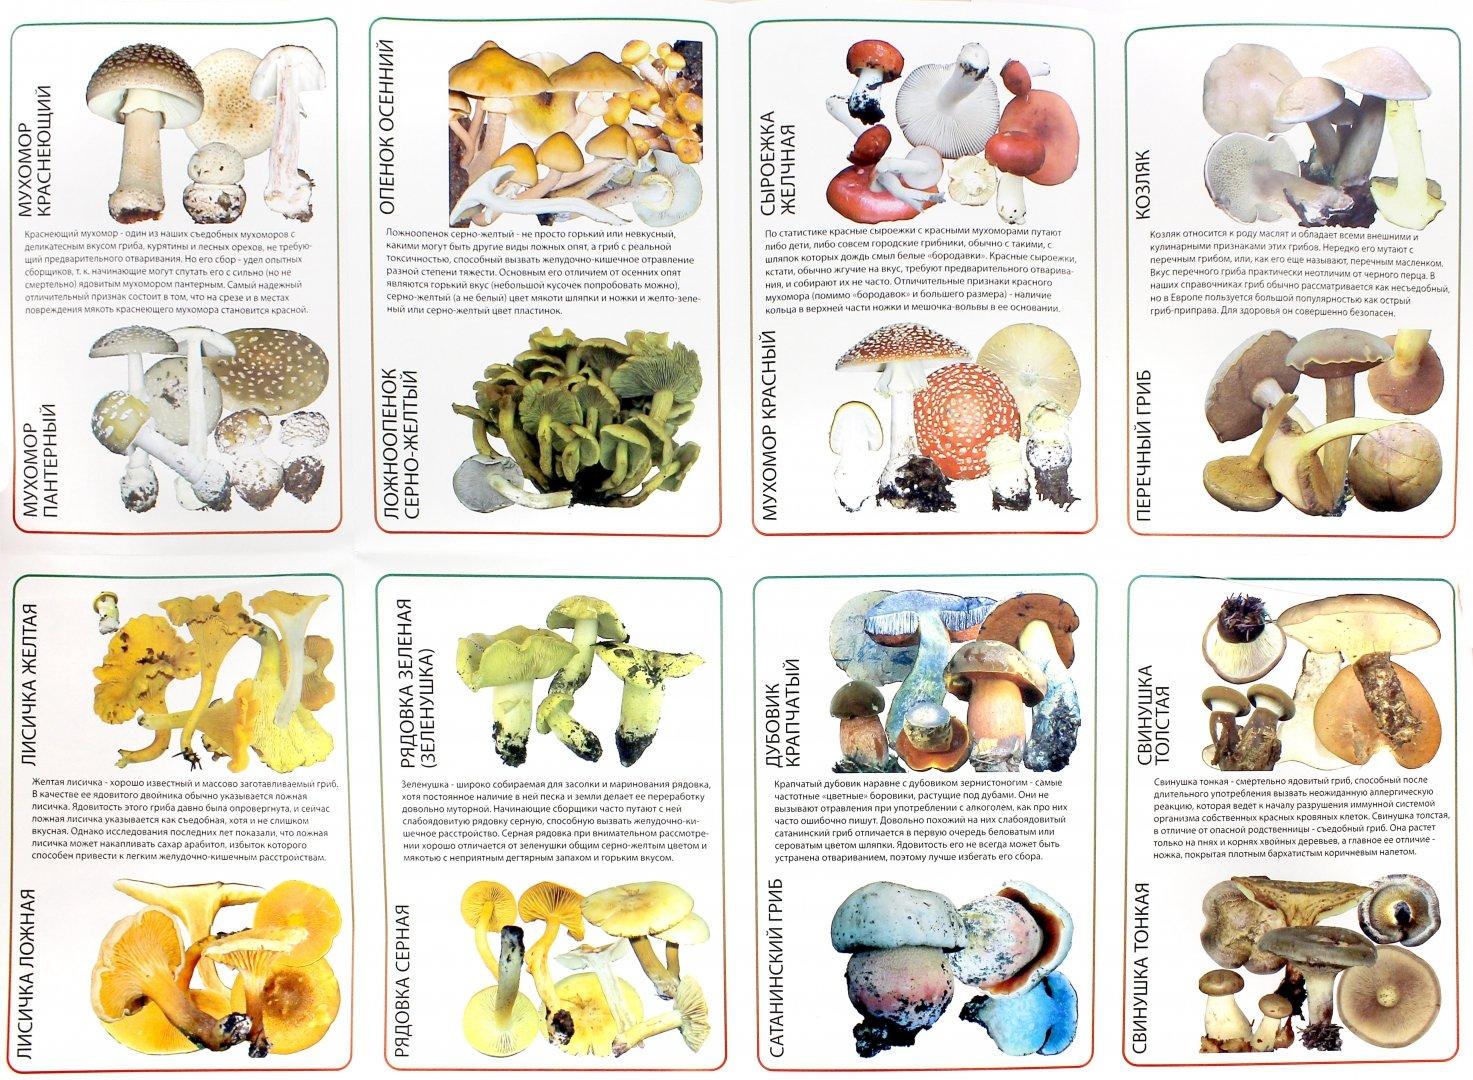 Фотографии съедобных грибов в ростовской области зал